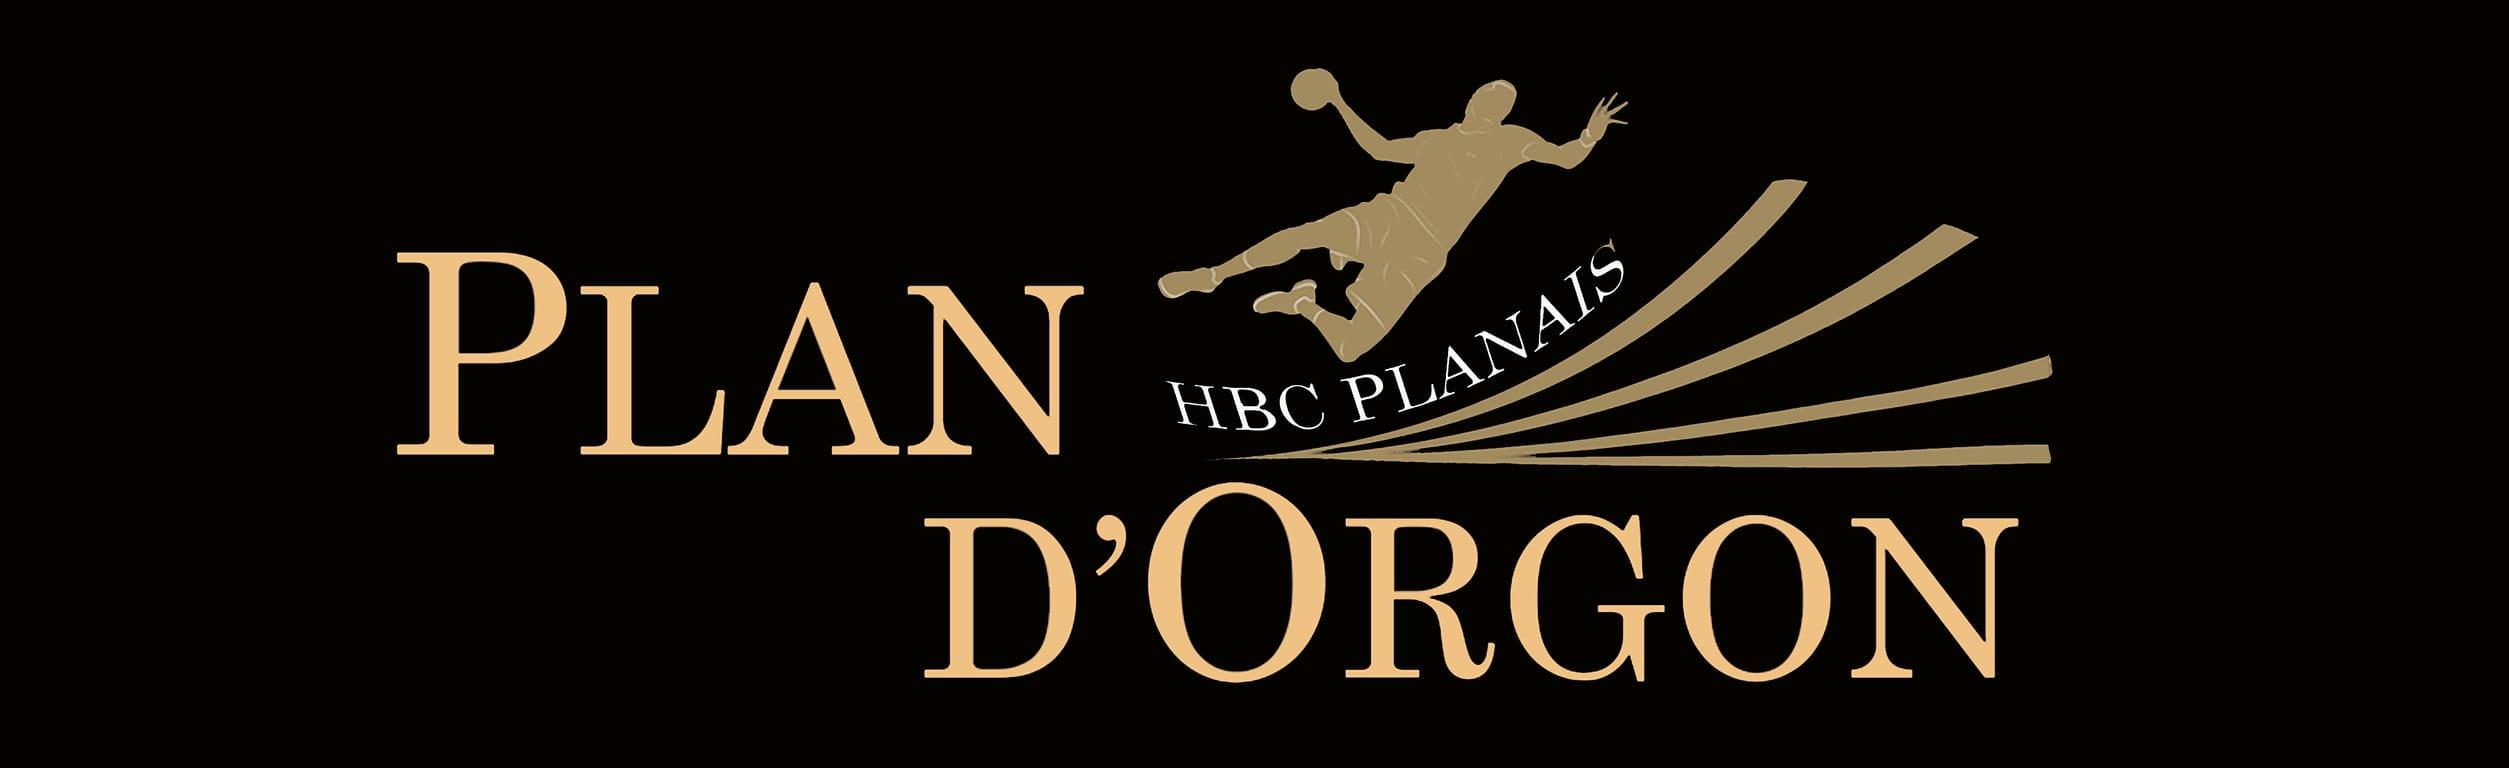 HBC Planais